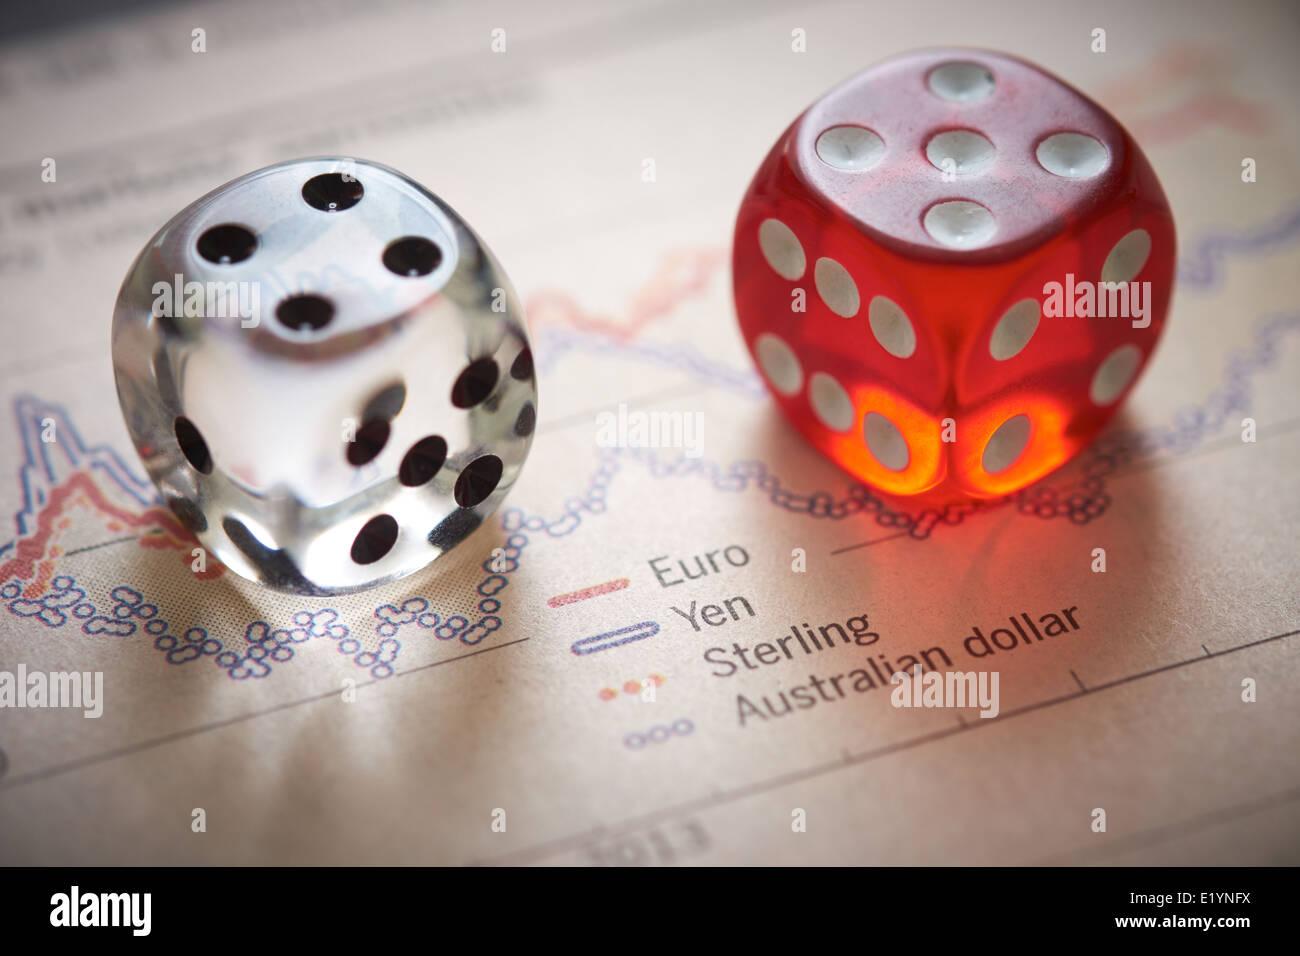 Currency Trading. Dado colorato sulla parte superiore della sezione finanziaria di un giornale. Immagini Stock